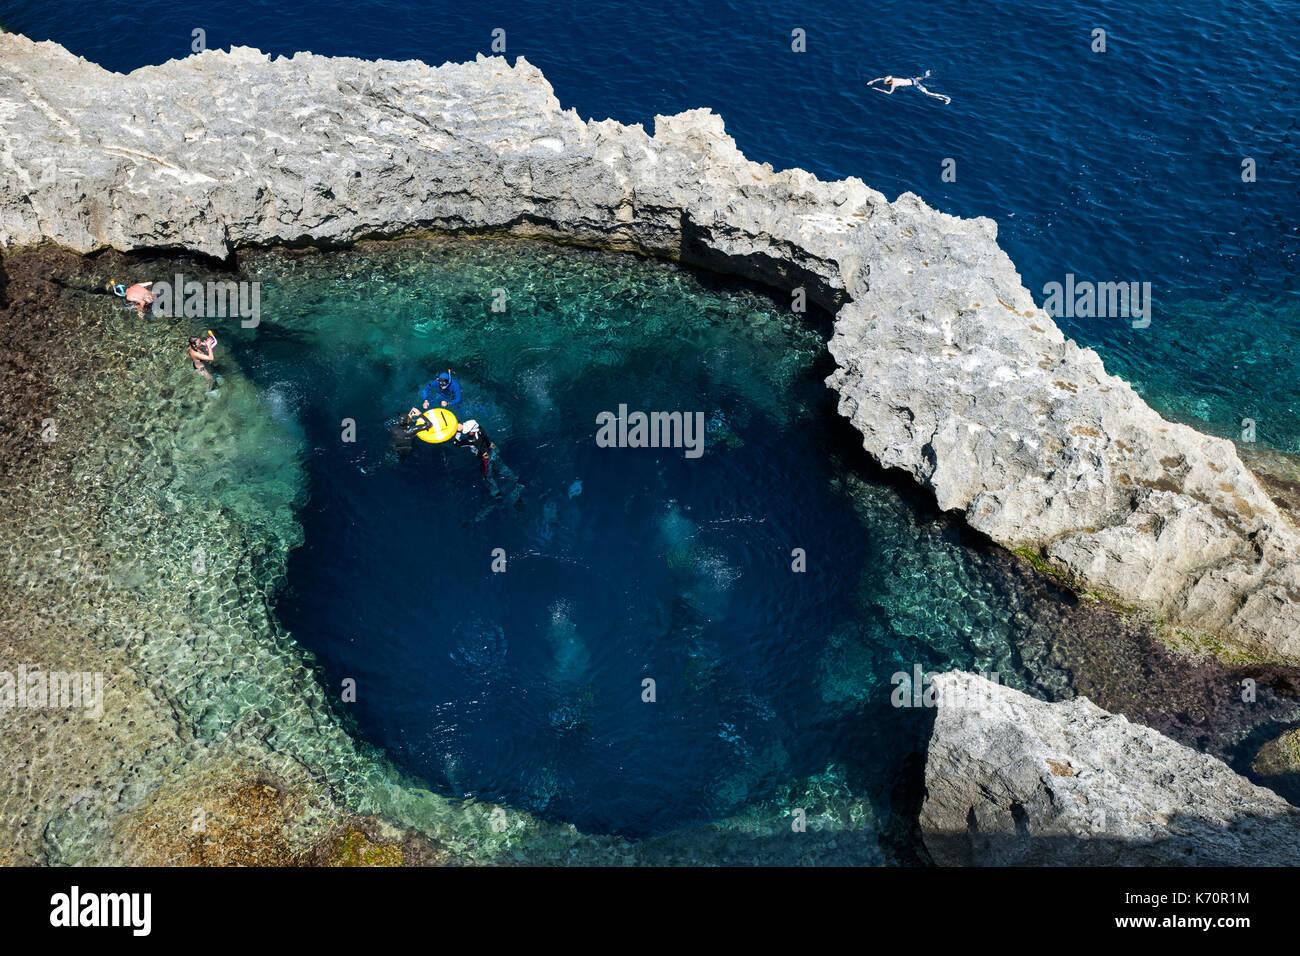 Sito di immersione nei pressi dell'ex Azure Window arco di roccia nei pressi di Dwejra Bay sull'isola di Gozo a Malta. Immagini Stock